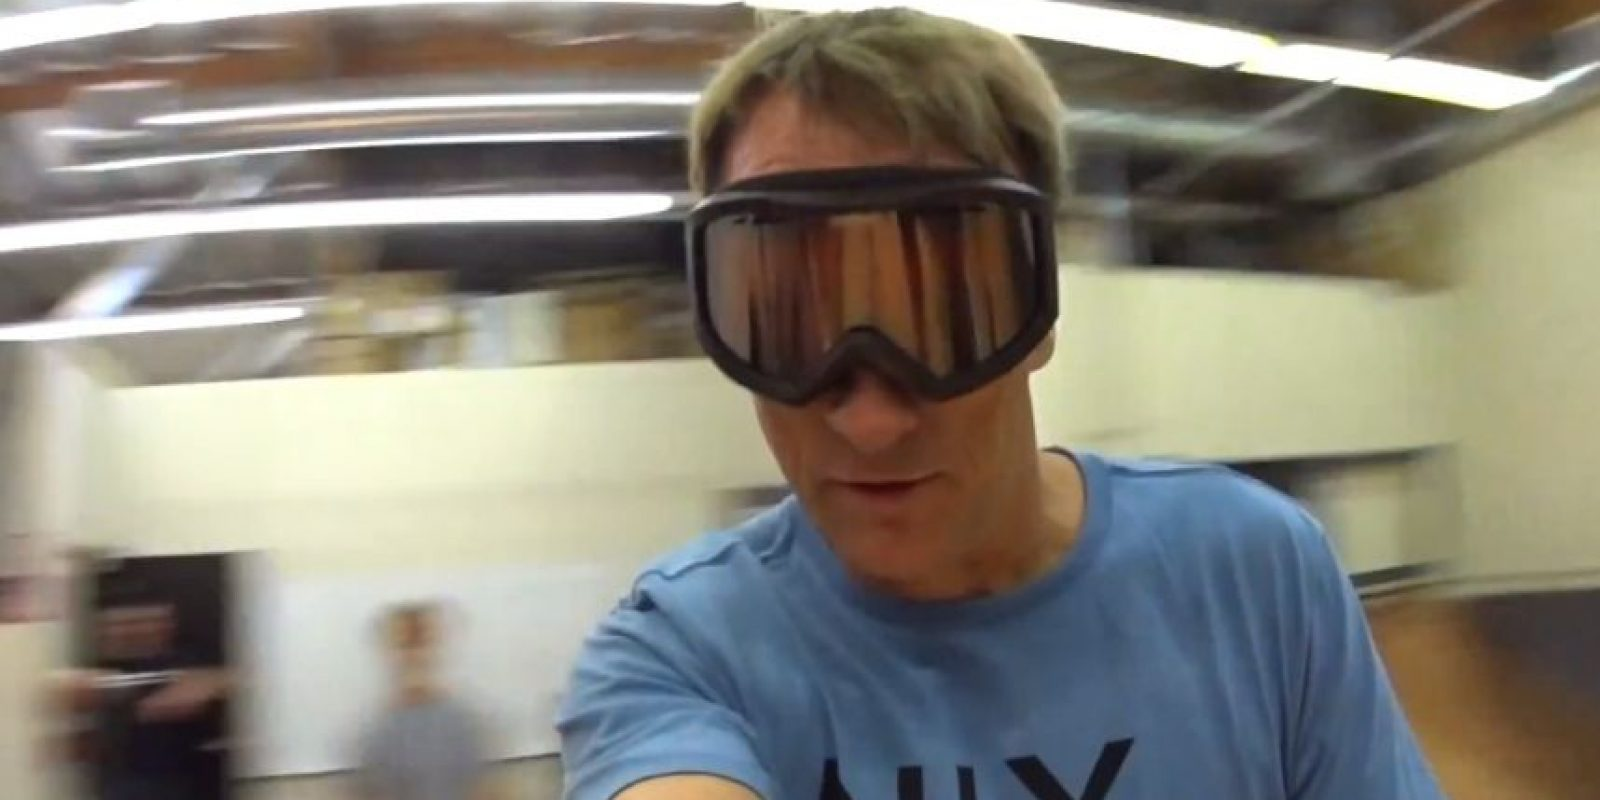 Así se veía Tony al dar vueltas sobre su propio eje en la Hoverboard. Foto:Hendo Hover